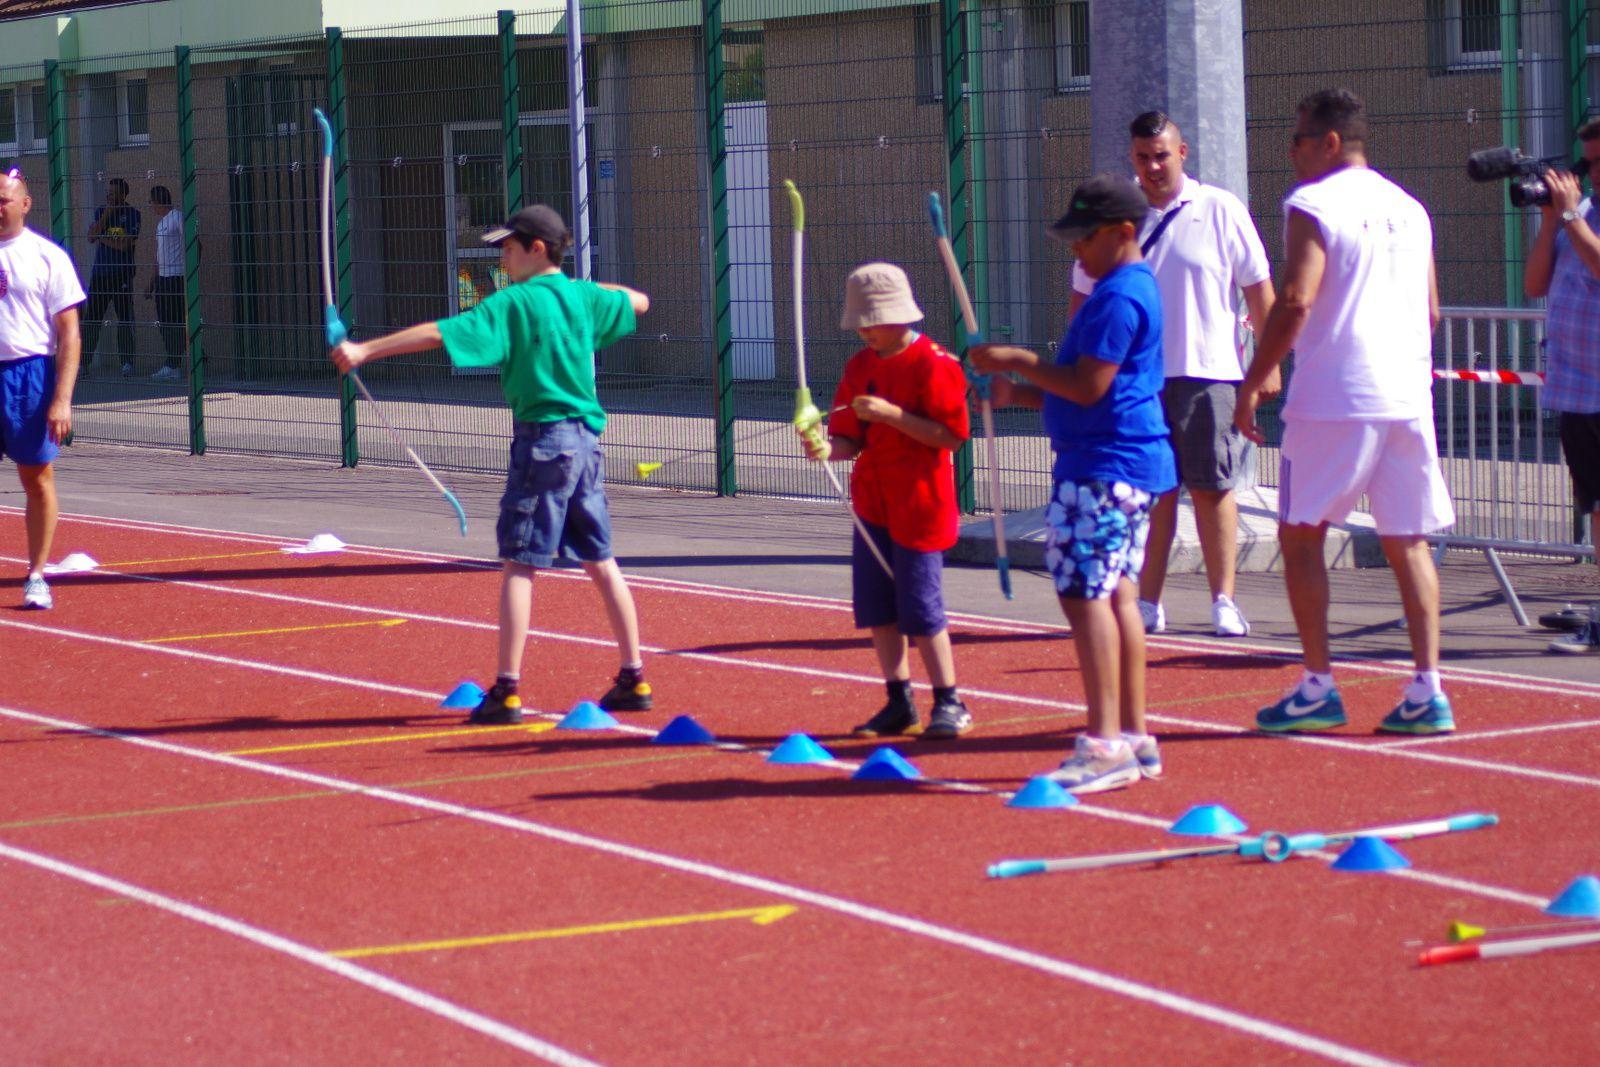 La 7e édition d'Olympiakos avait pour cadre cette année les installations du complexe sportif Laurent-Gerin